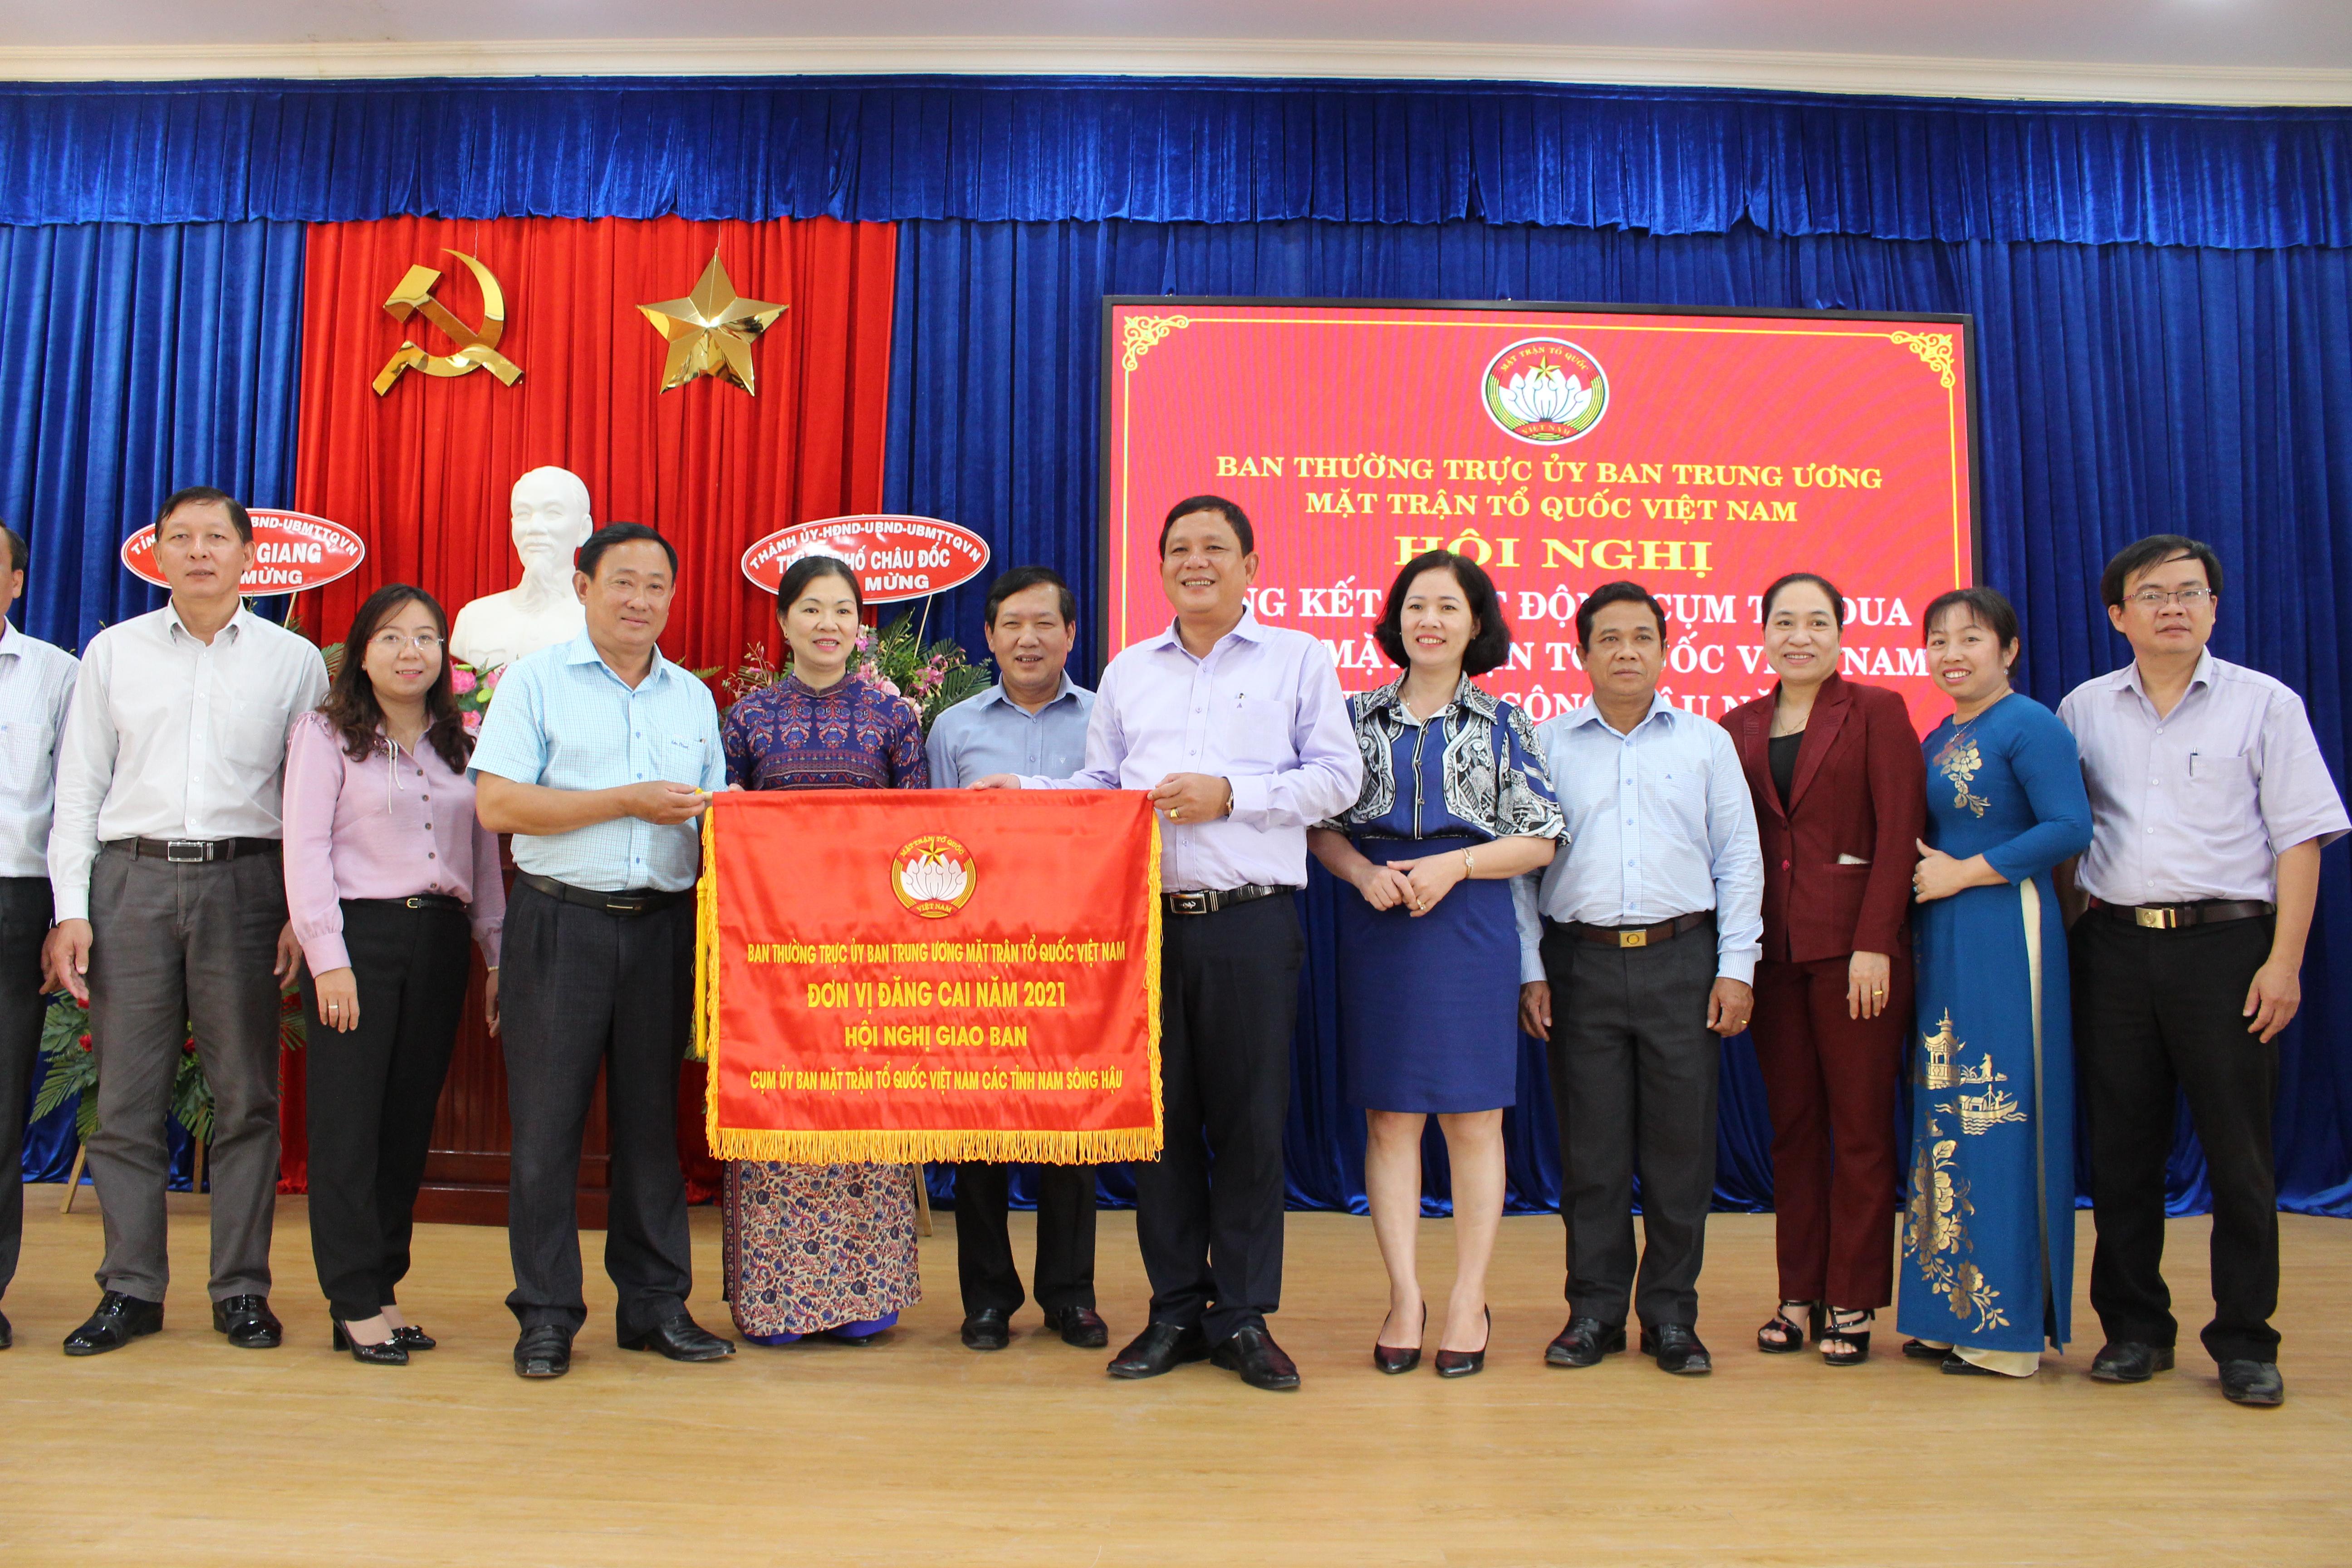 Trao cờ cho đơn vị đăng cai tổ chức cụm thi đua Nam sông Hậu năm 2021.